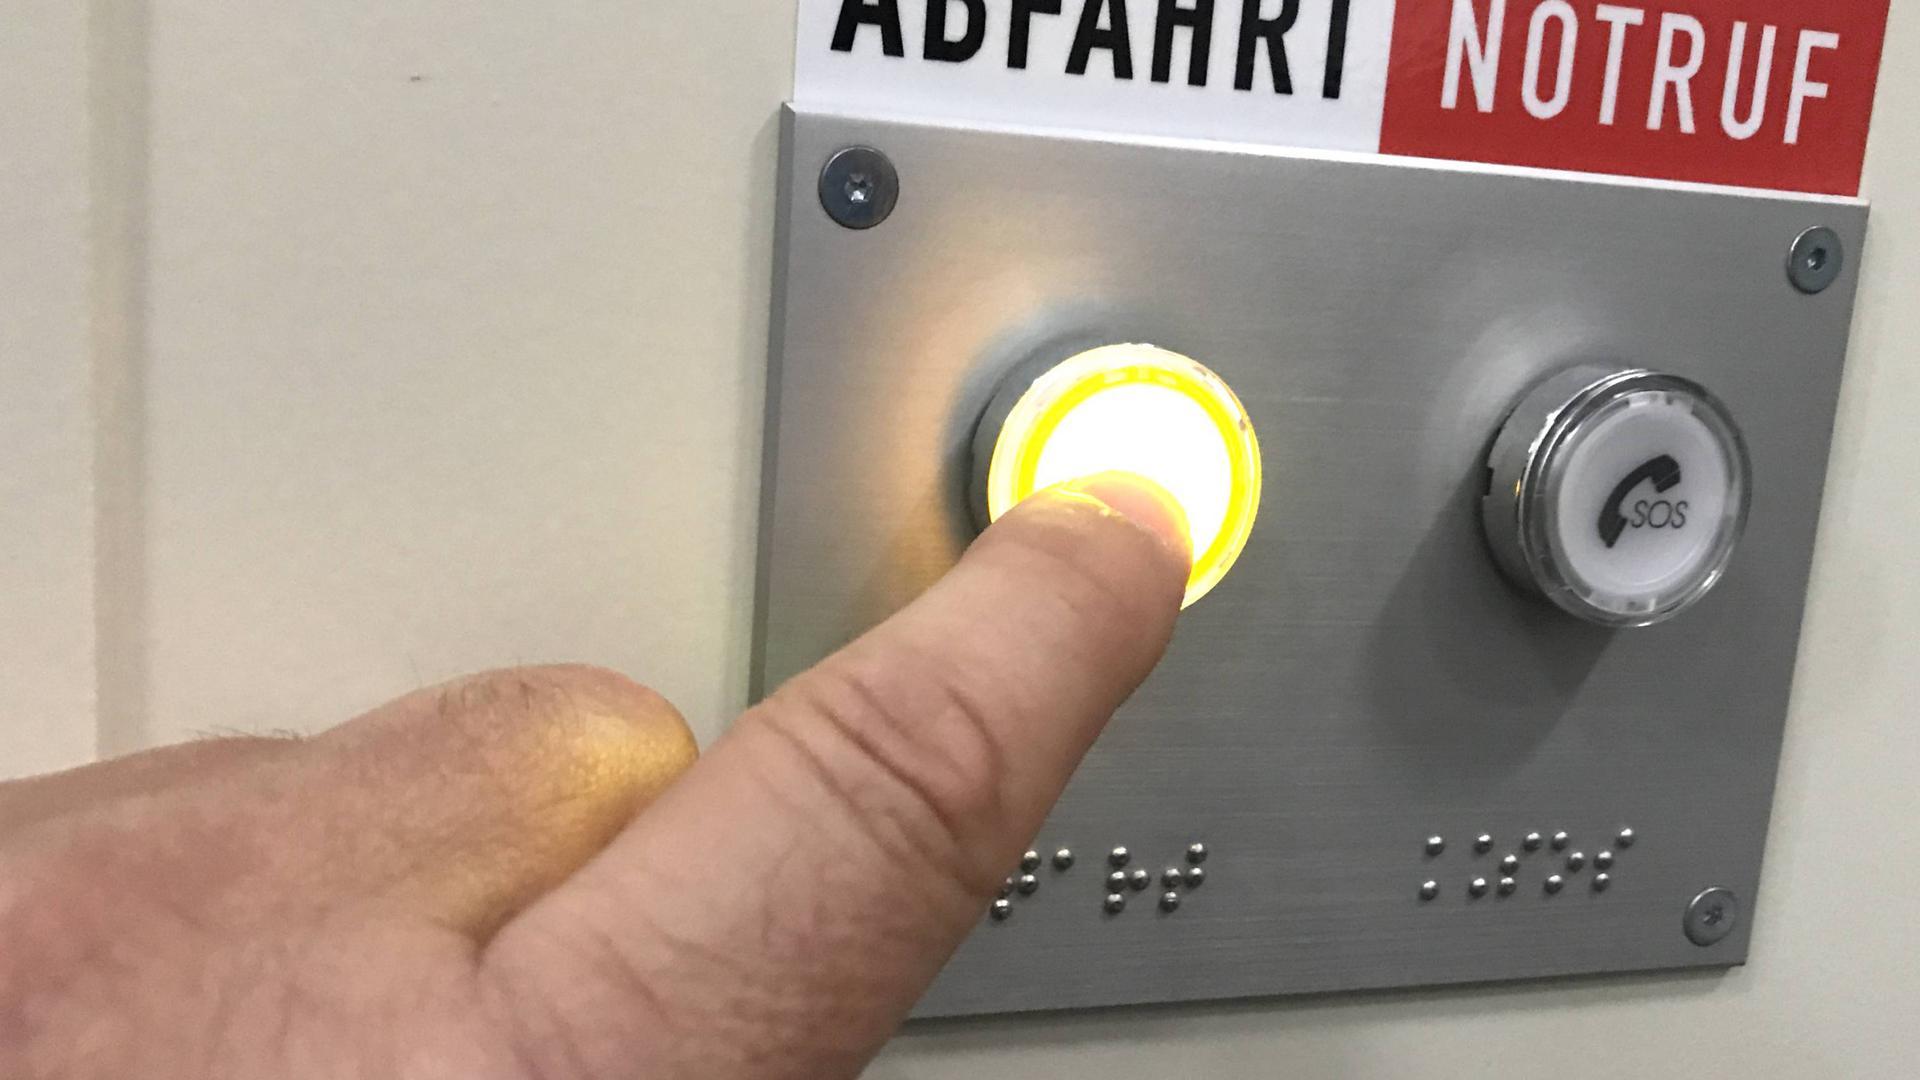 Merkurbergbahn Baden-Baden, Bahn fährt im Selbstfahrbetrieb und wird mit Knopfdruck gestartet.